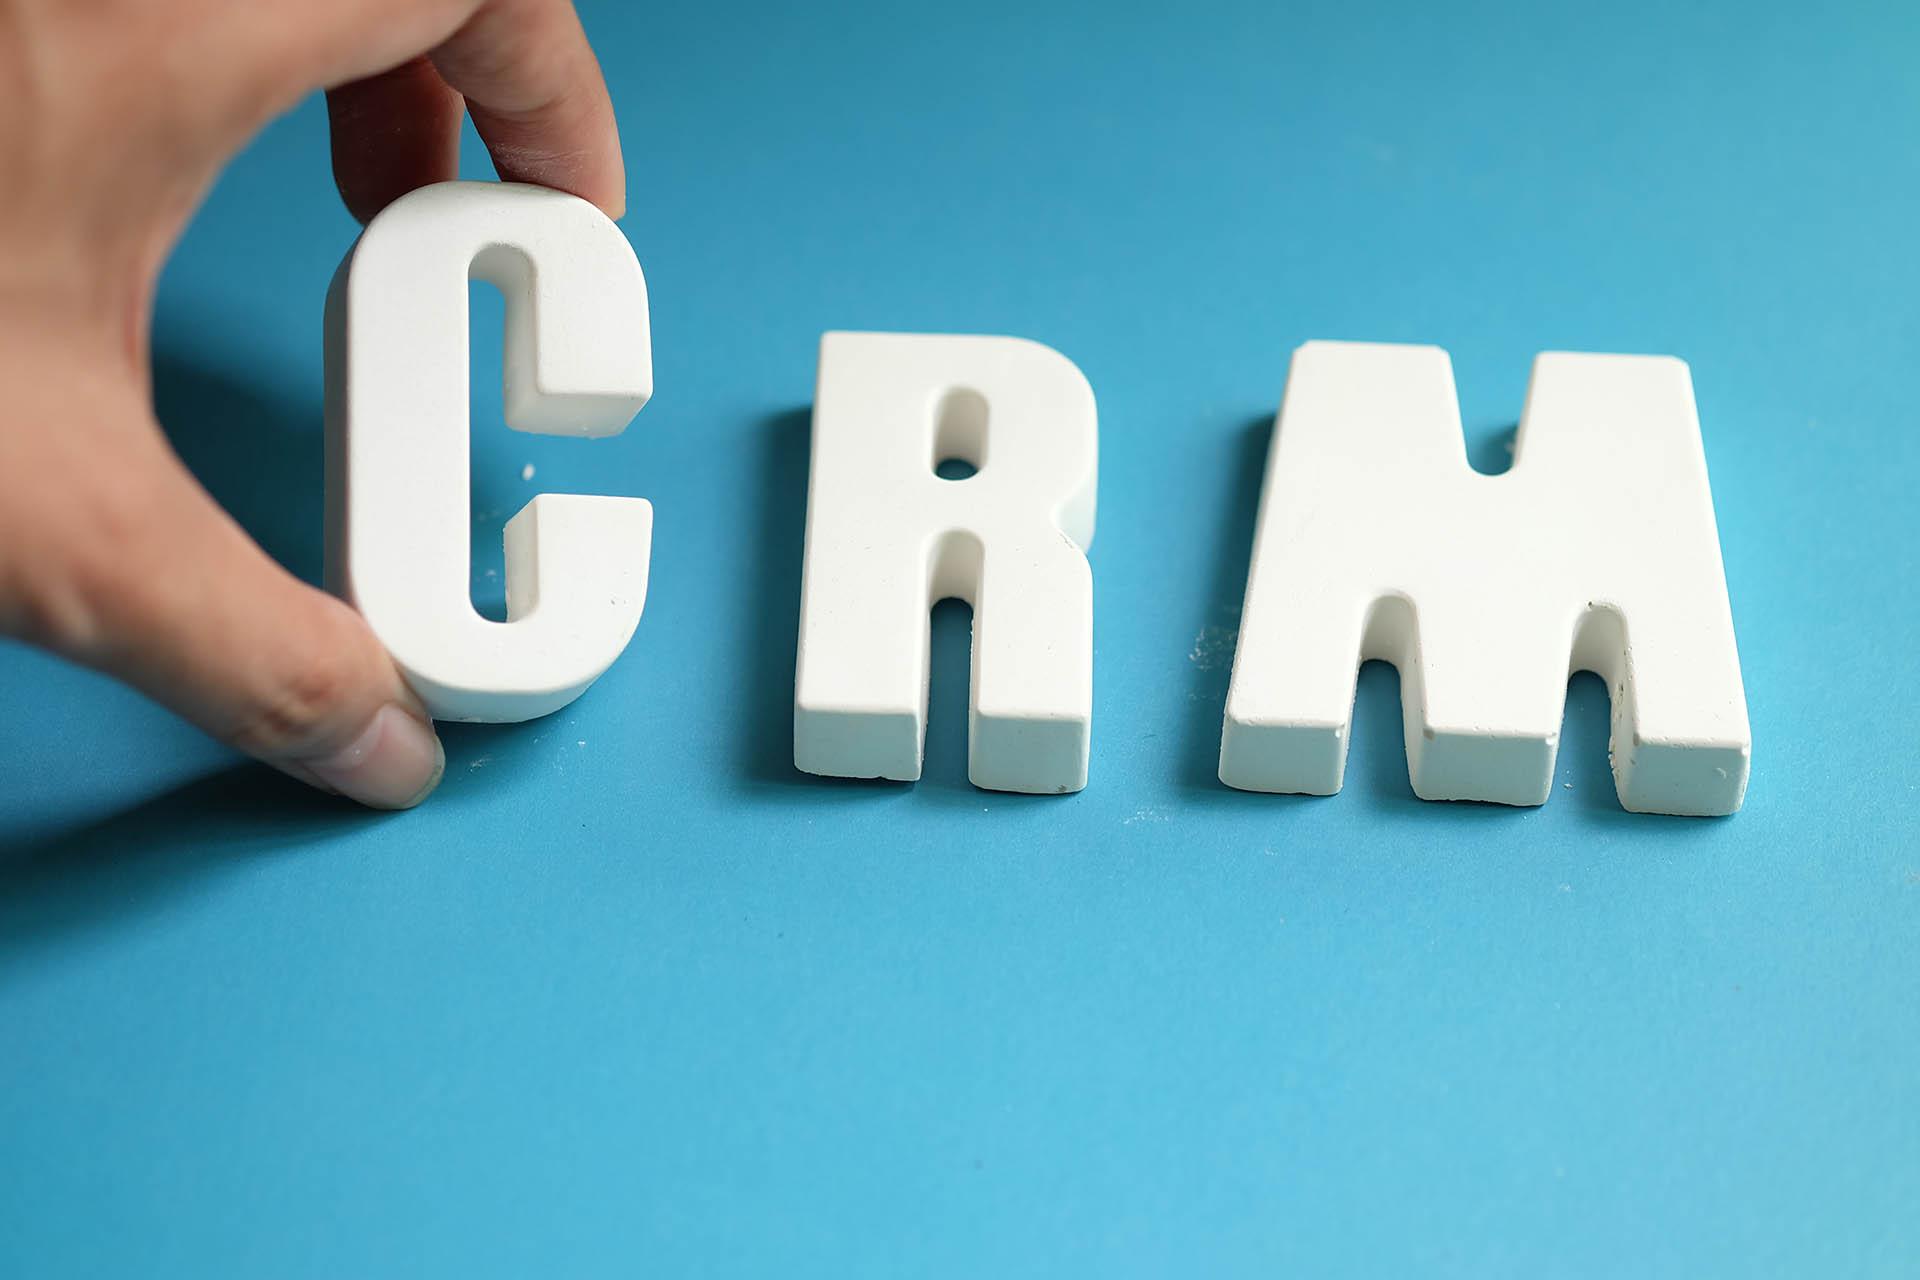 Бесплатный вебинар: Как внедрить CRM? Разбор бизнеса перед внедрением. Примеры проектов AmoCRM и Битрикс24